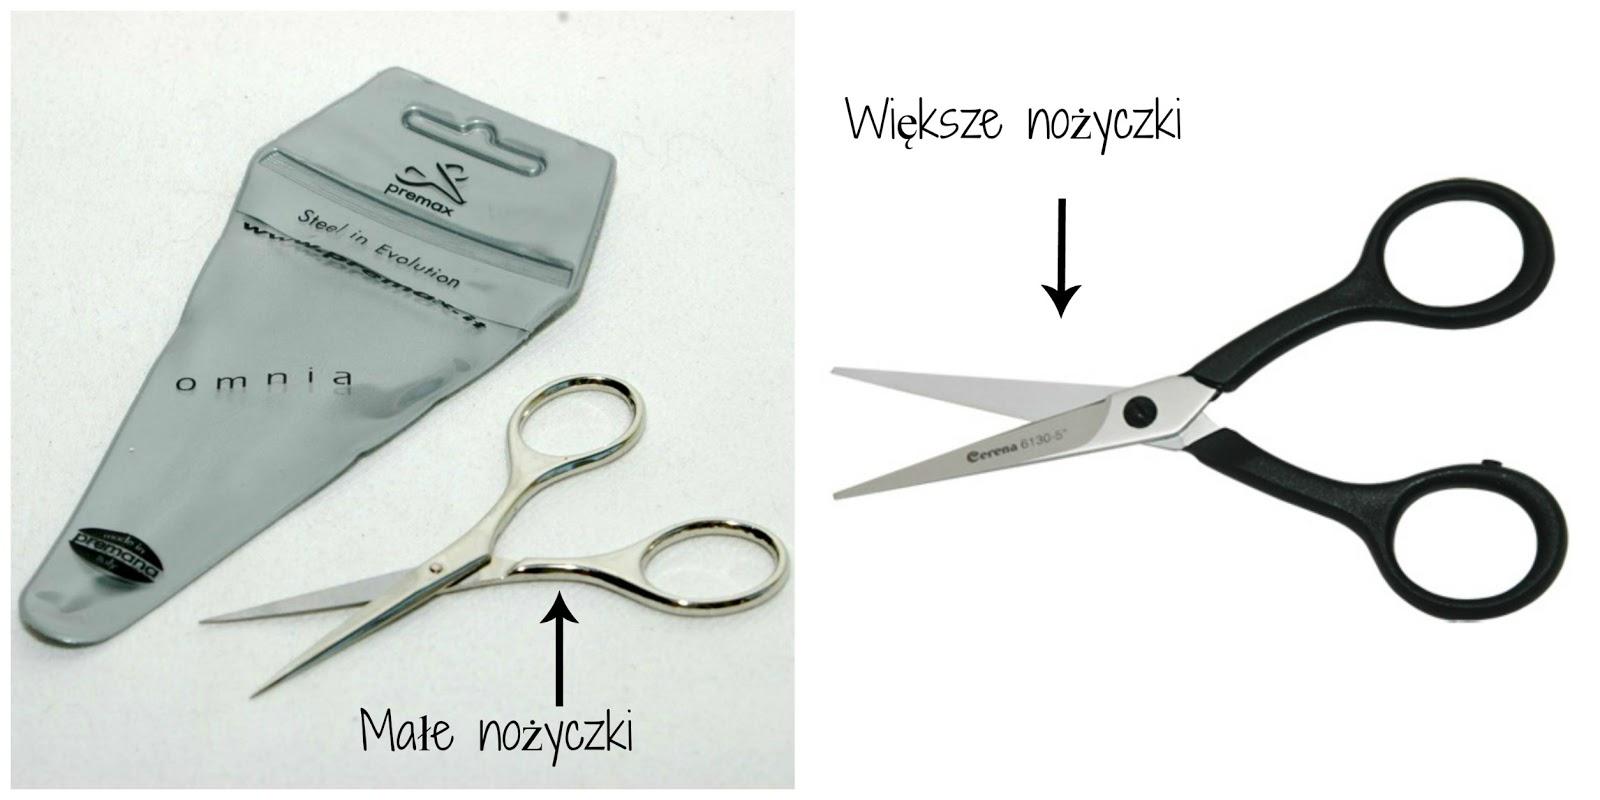 narzędzia decoupage nożyczki podstawy decoupage